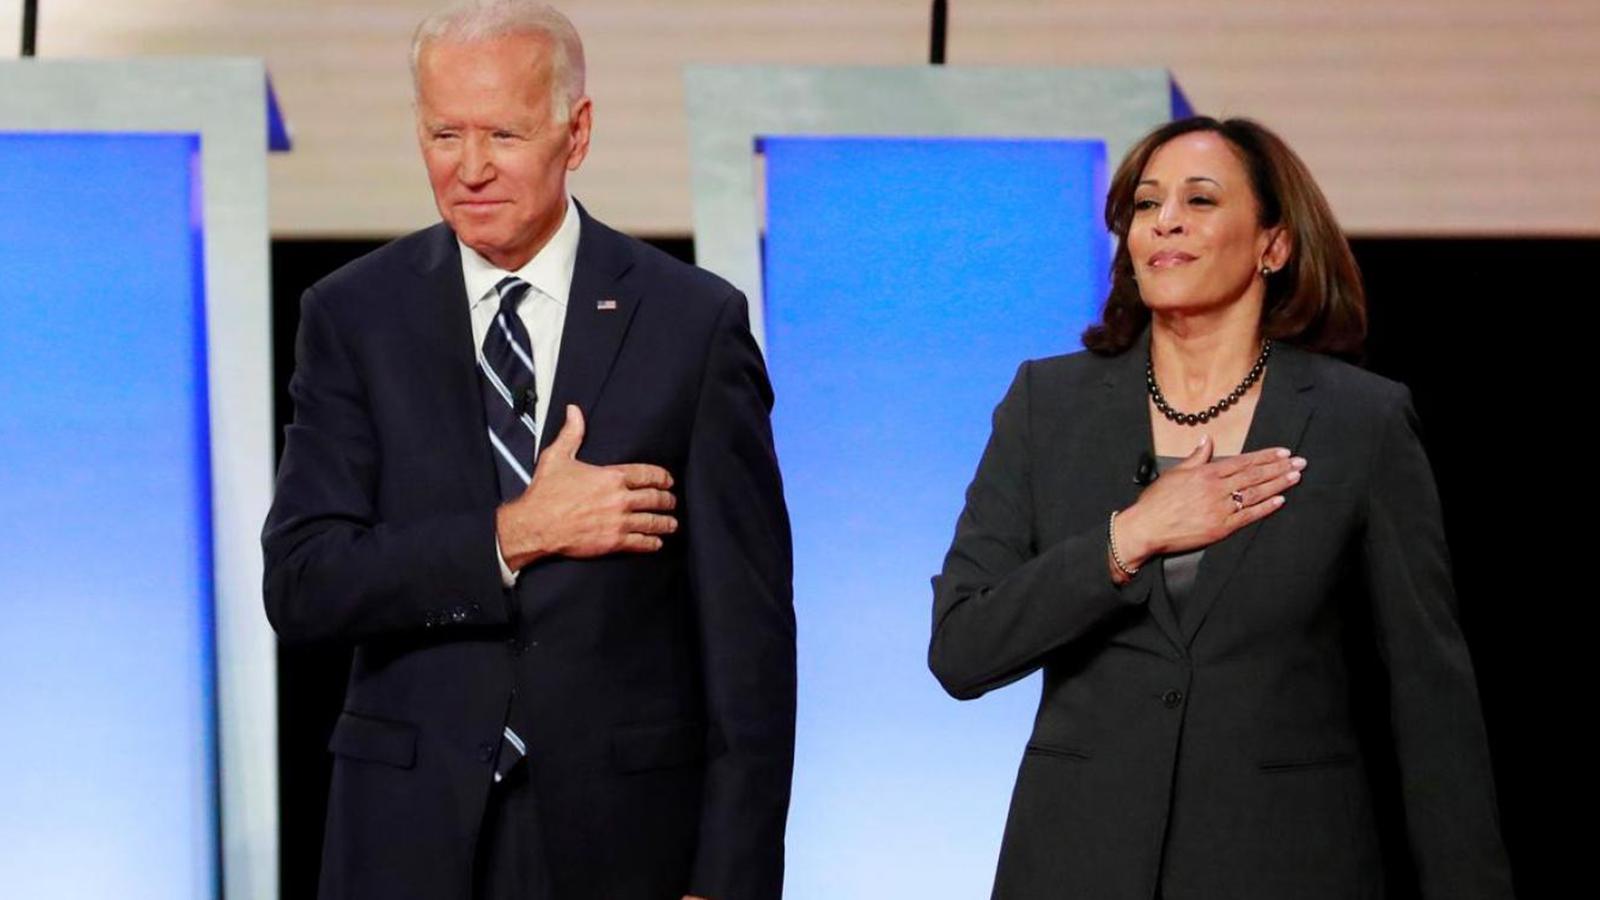 ABD'de Biden, Beyaz Saray medya ekibinin tamamen kadınlardan oluşacağını duyurdu